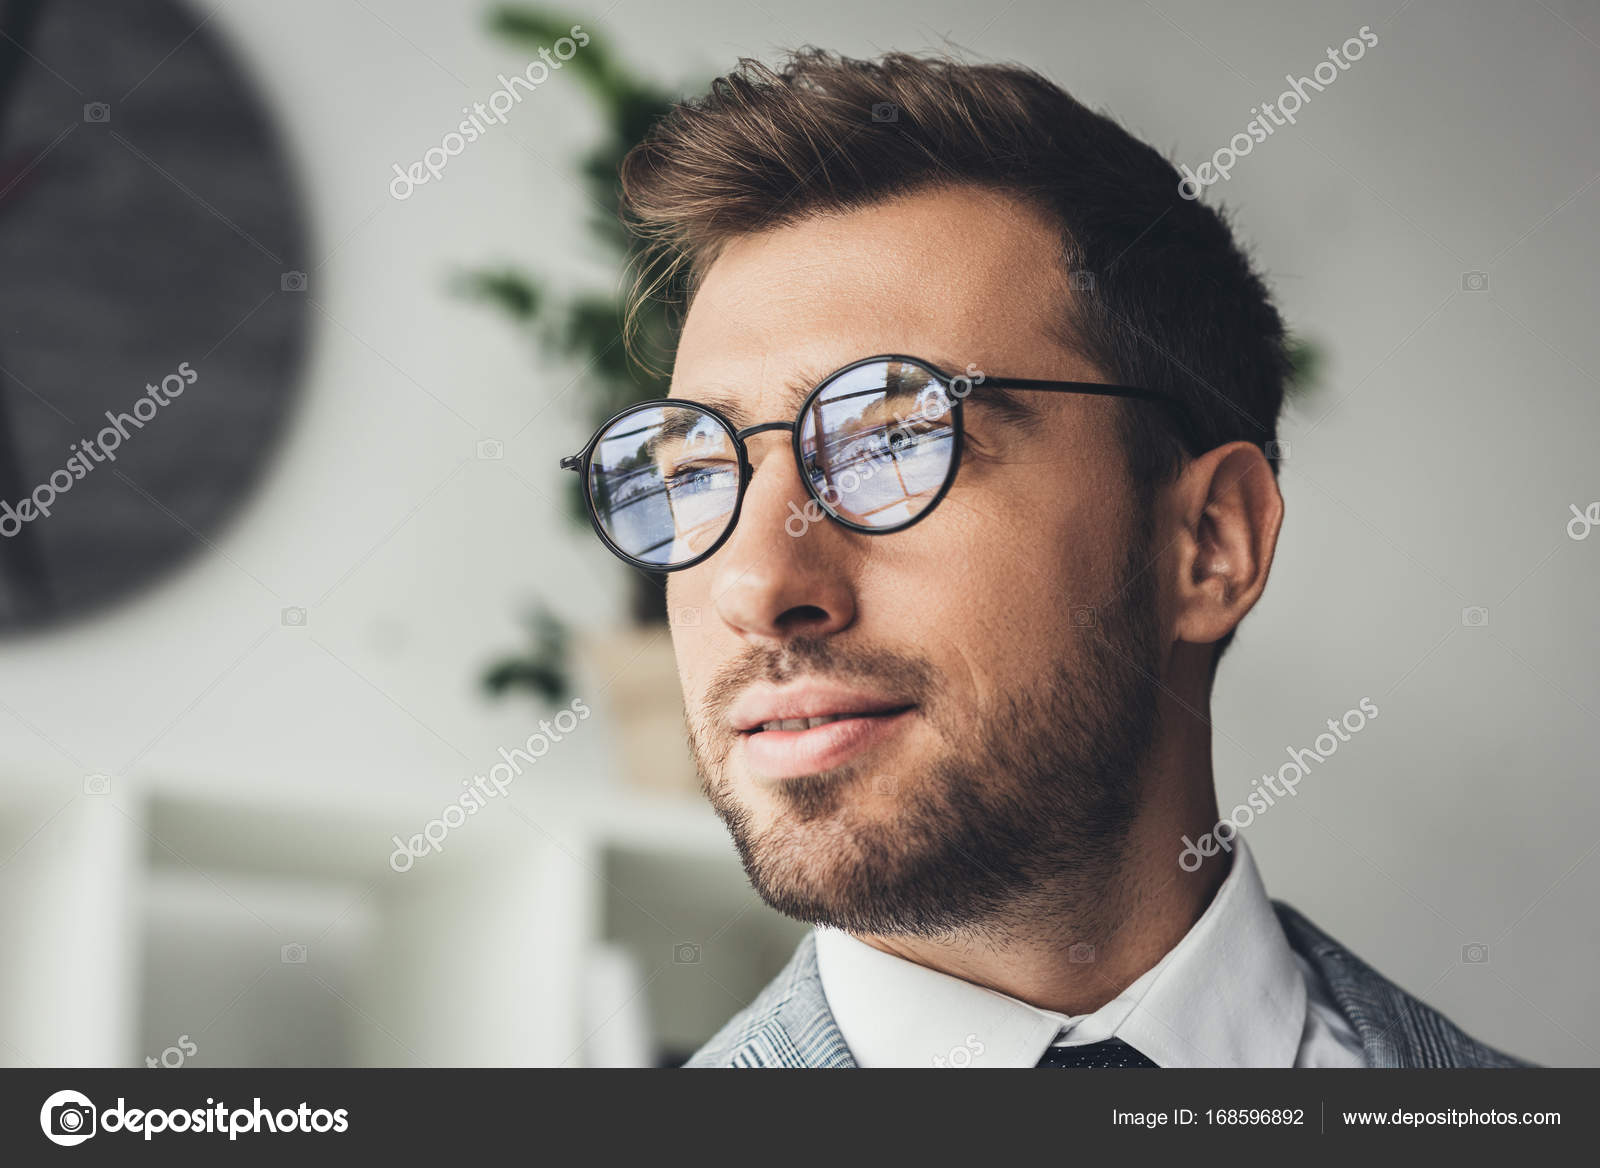 85c2c0f3eb Fotografie: uomo con occhiali da vista | uomo d'affari in abito alla ...